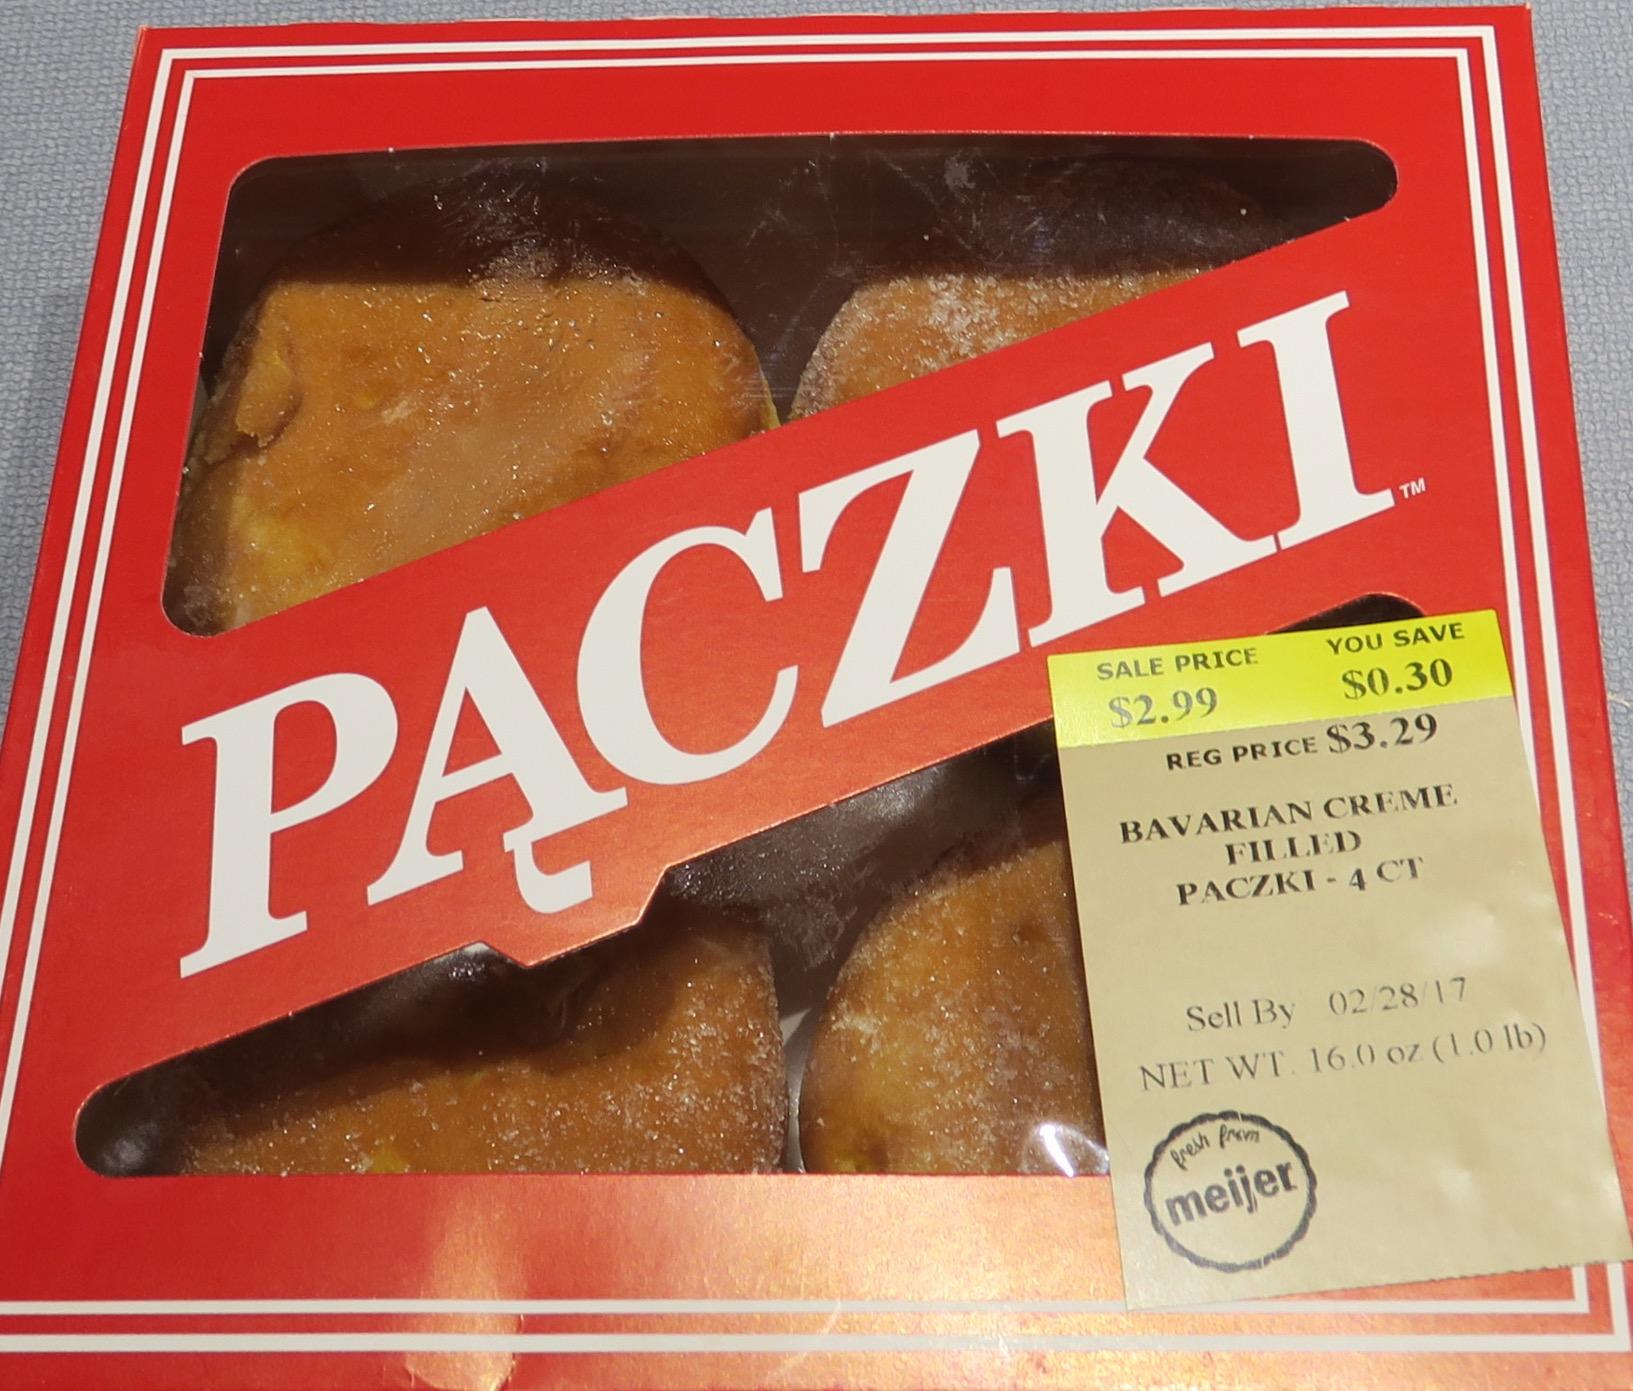 paczki-4-pack